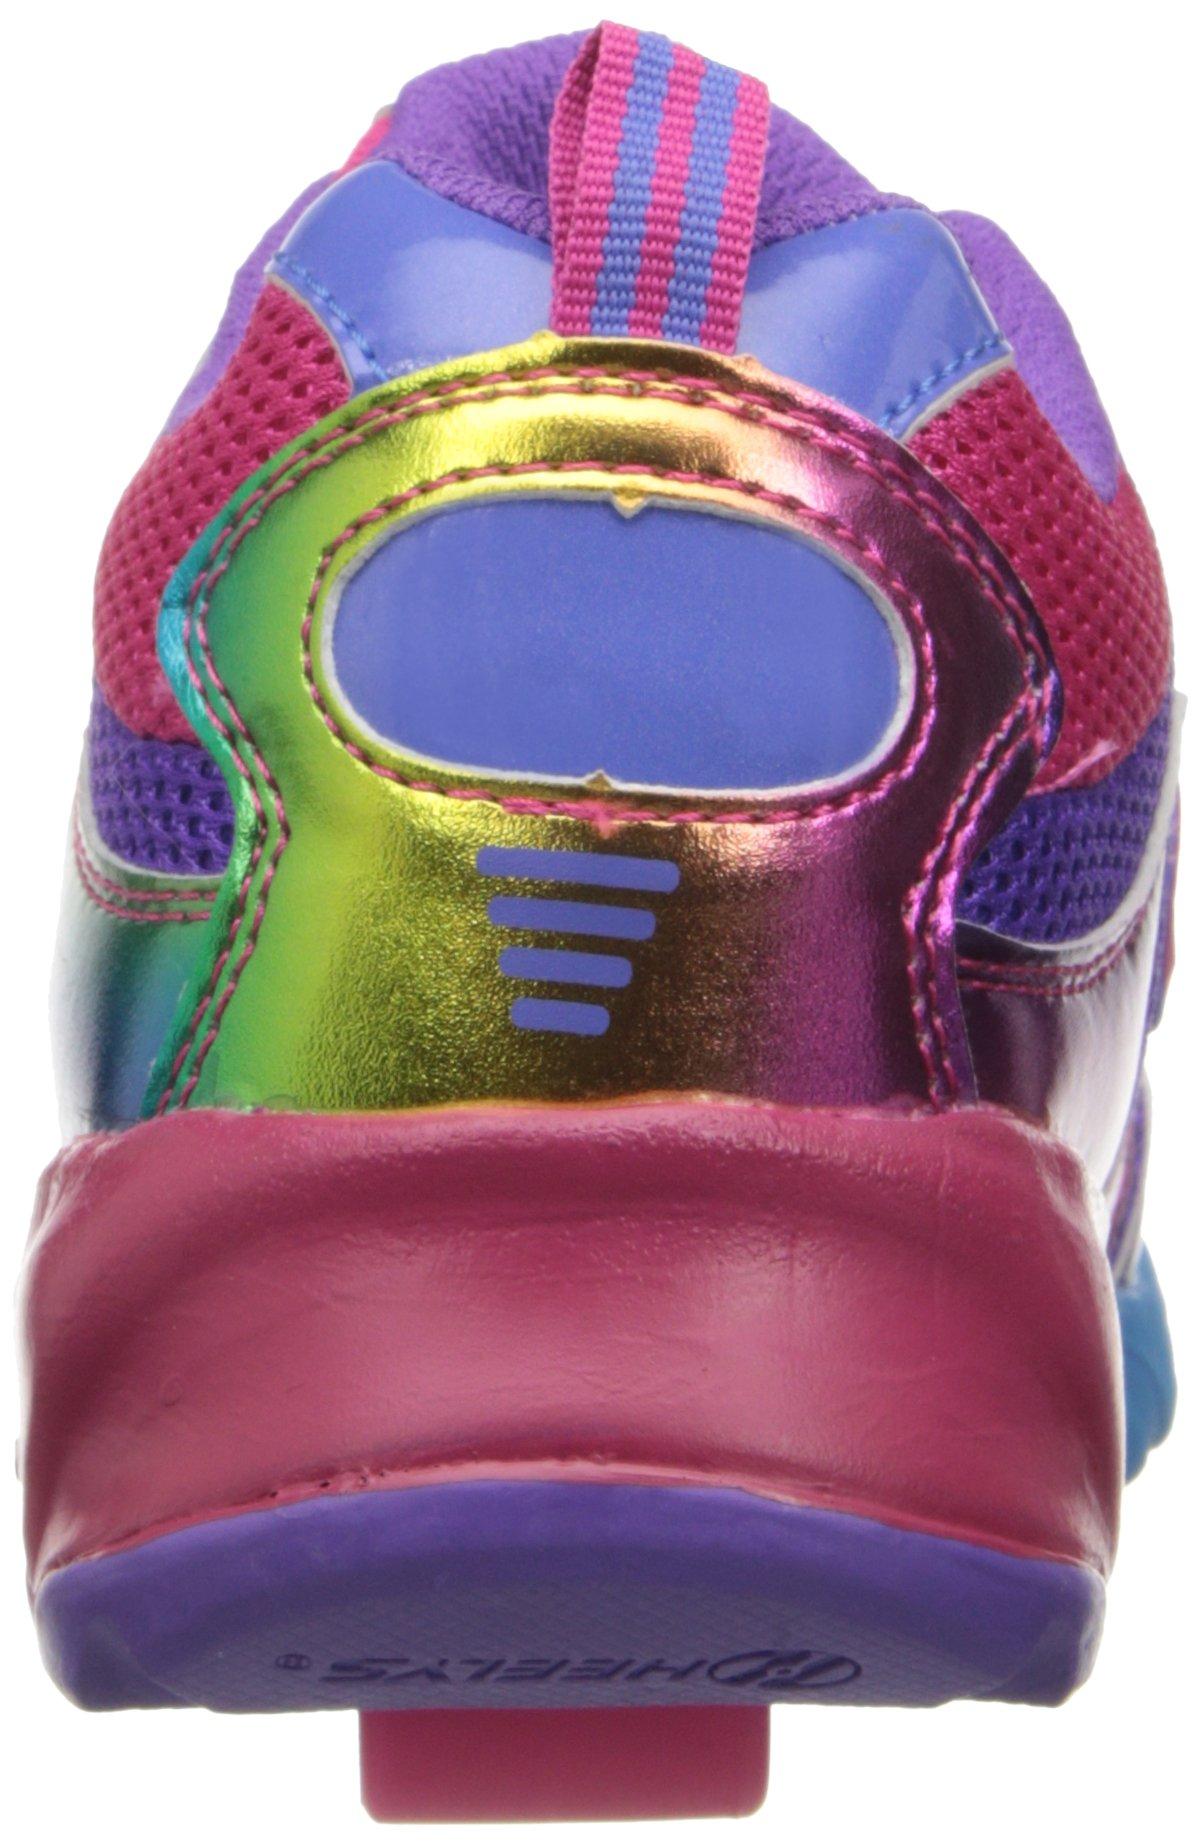 Heelys Race Skate Shoe (Little Kid/Big Kid),Purple/Rainbow,2 M US Little Kid by Heelys (Image #2)